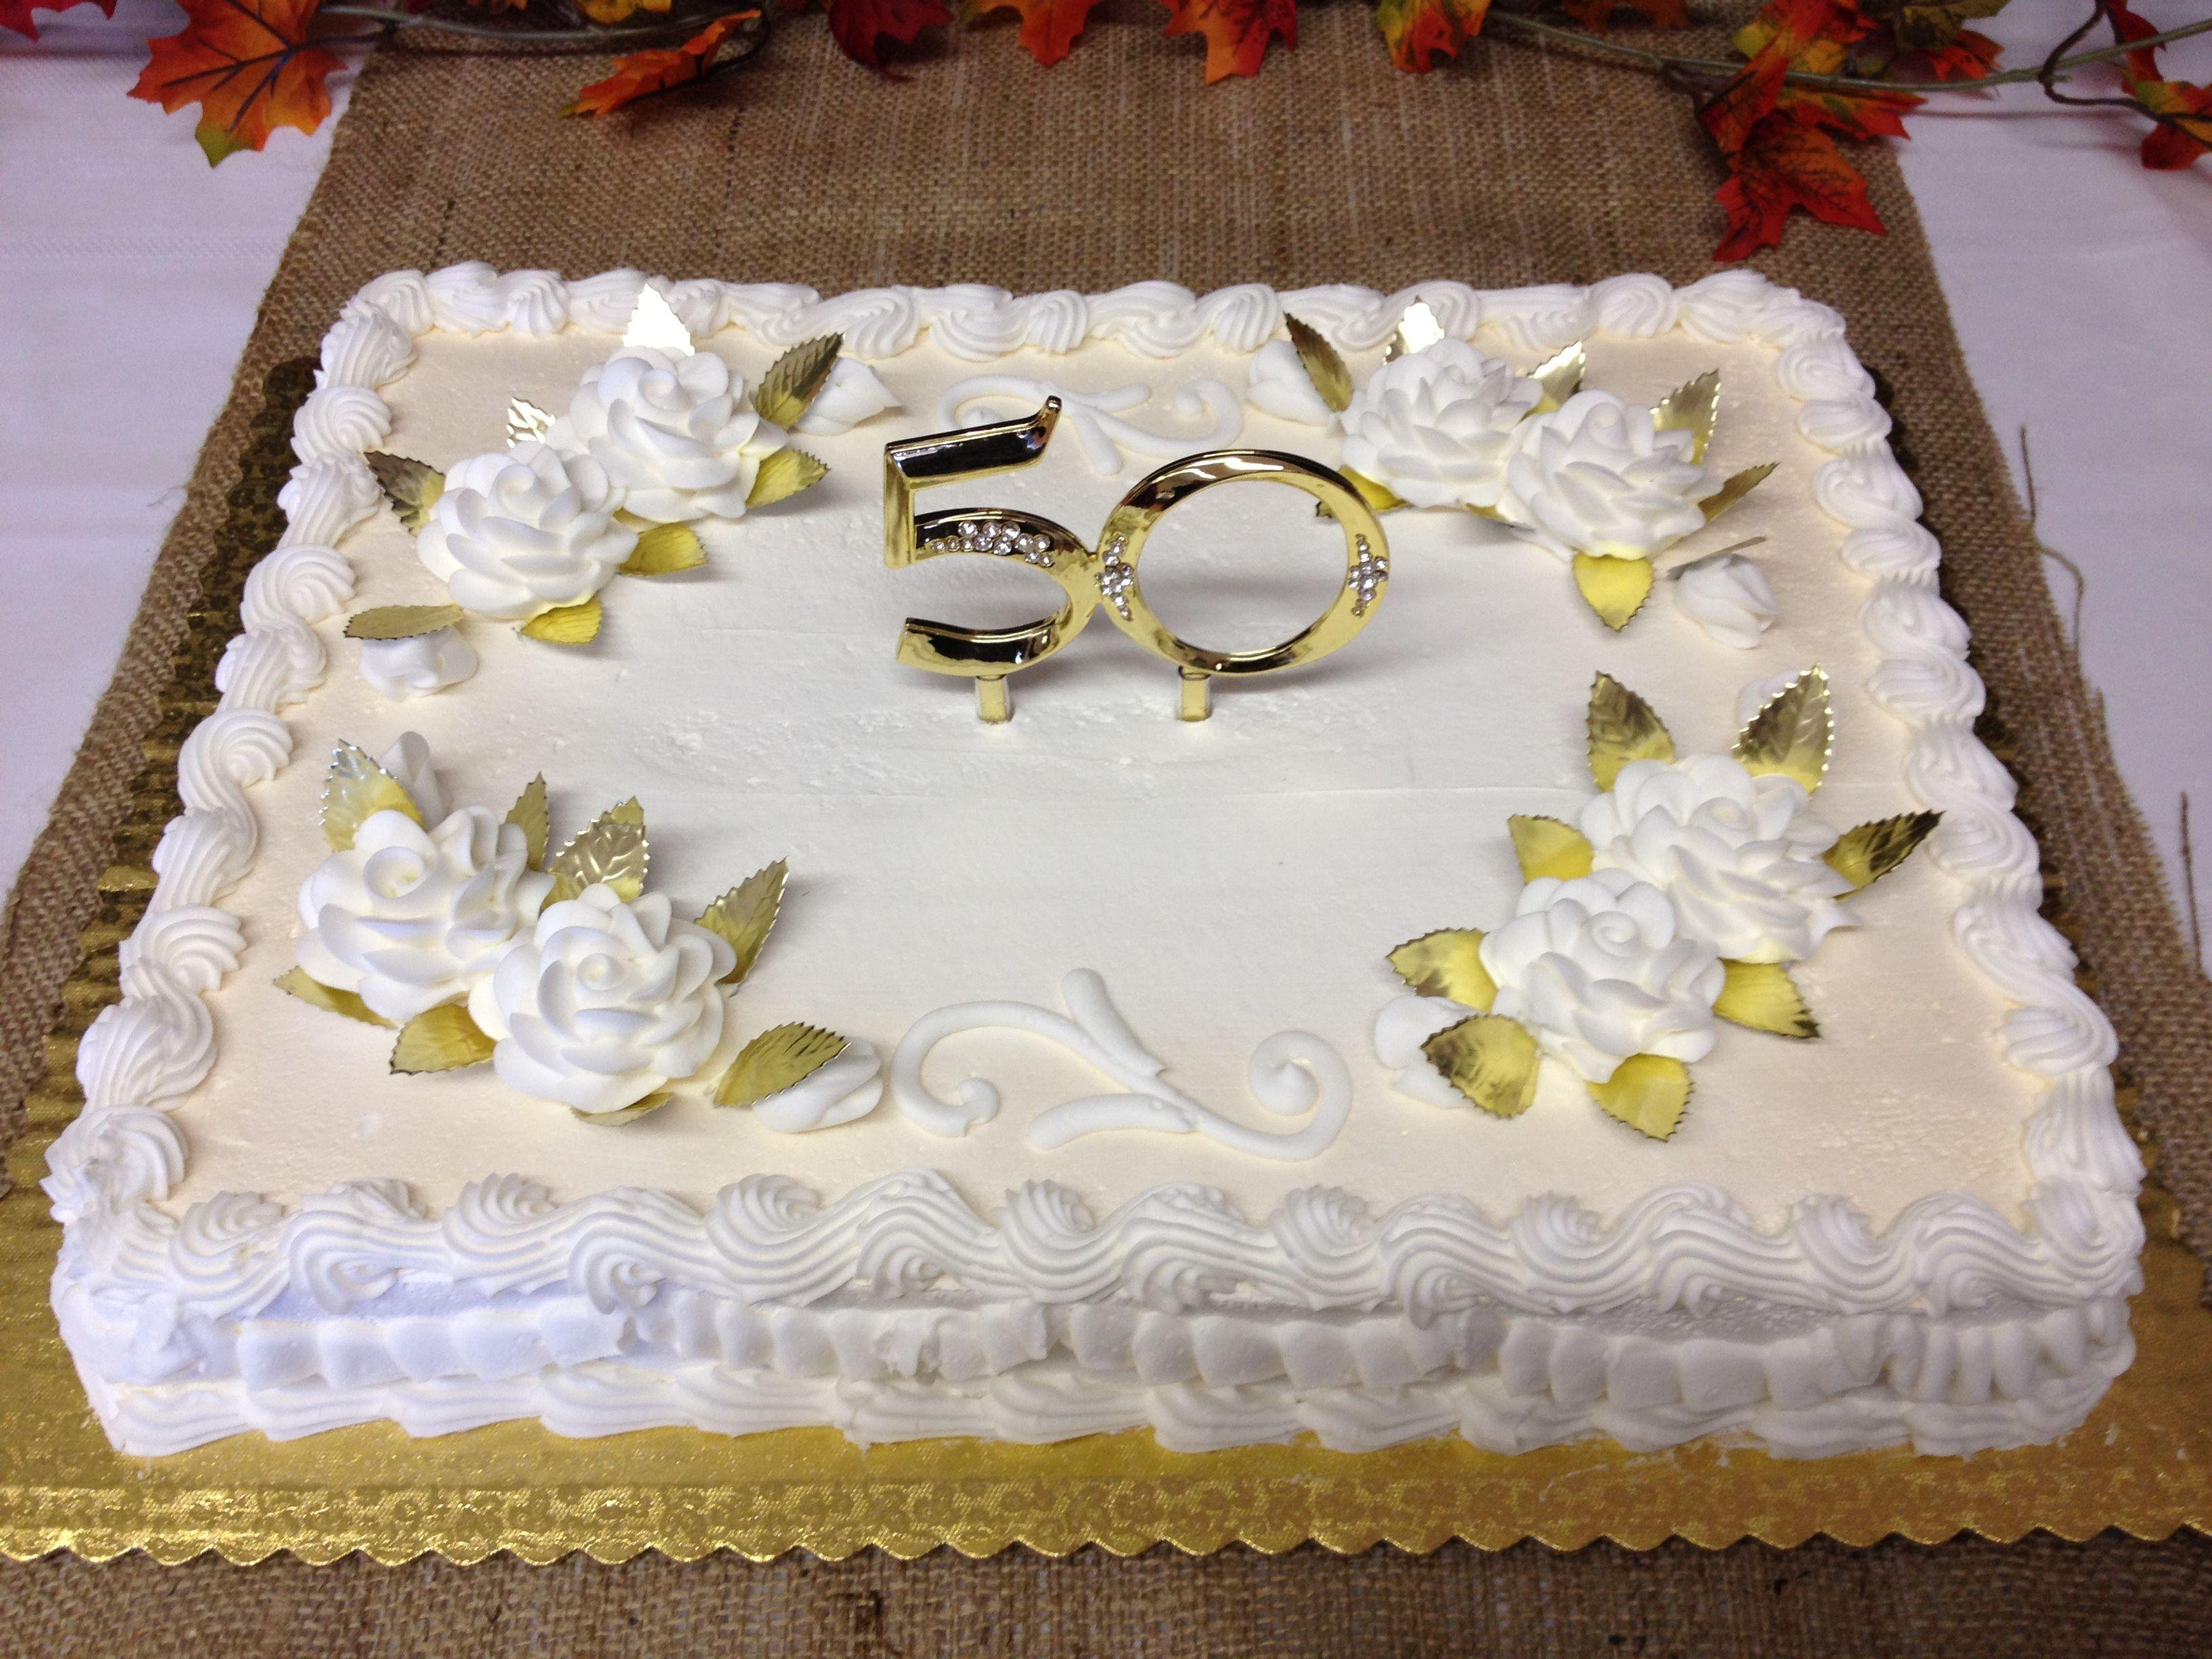 Кремовые свадебные торты фото - советы по выбору, варианты оформления 92